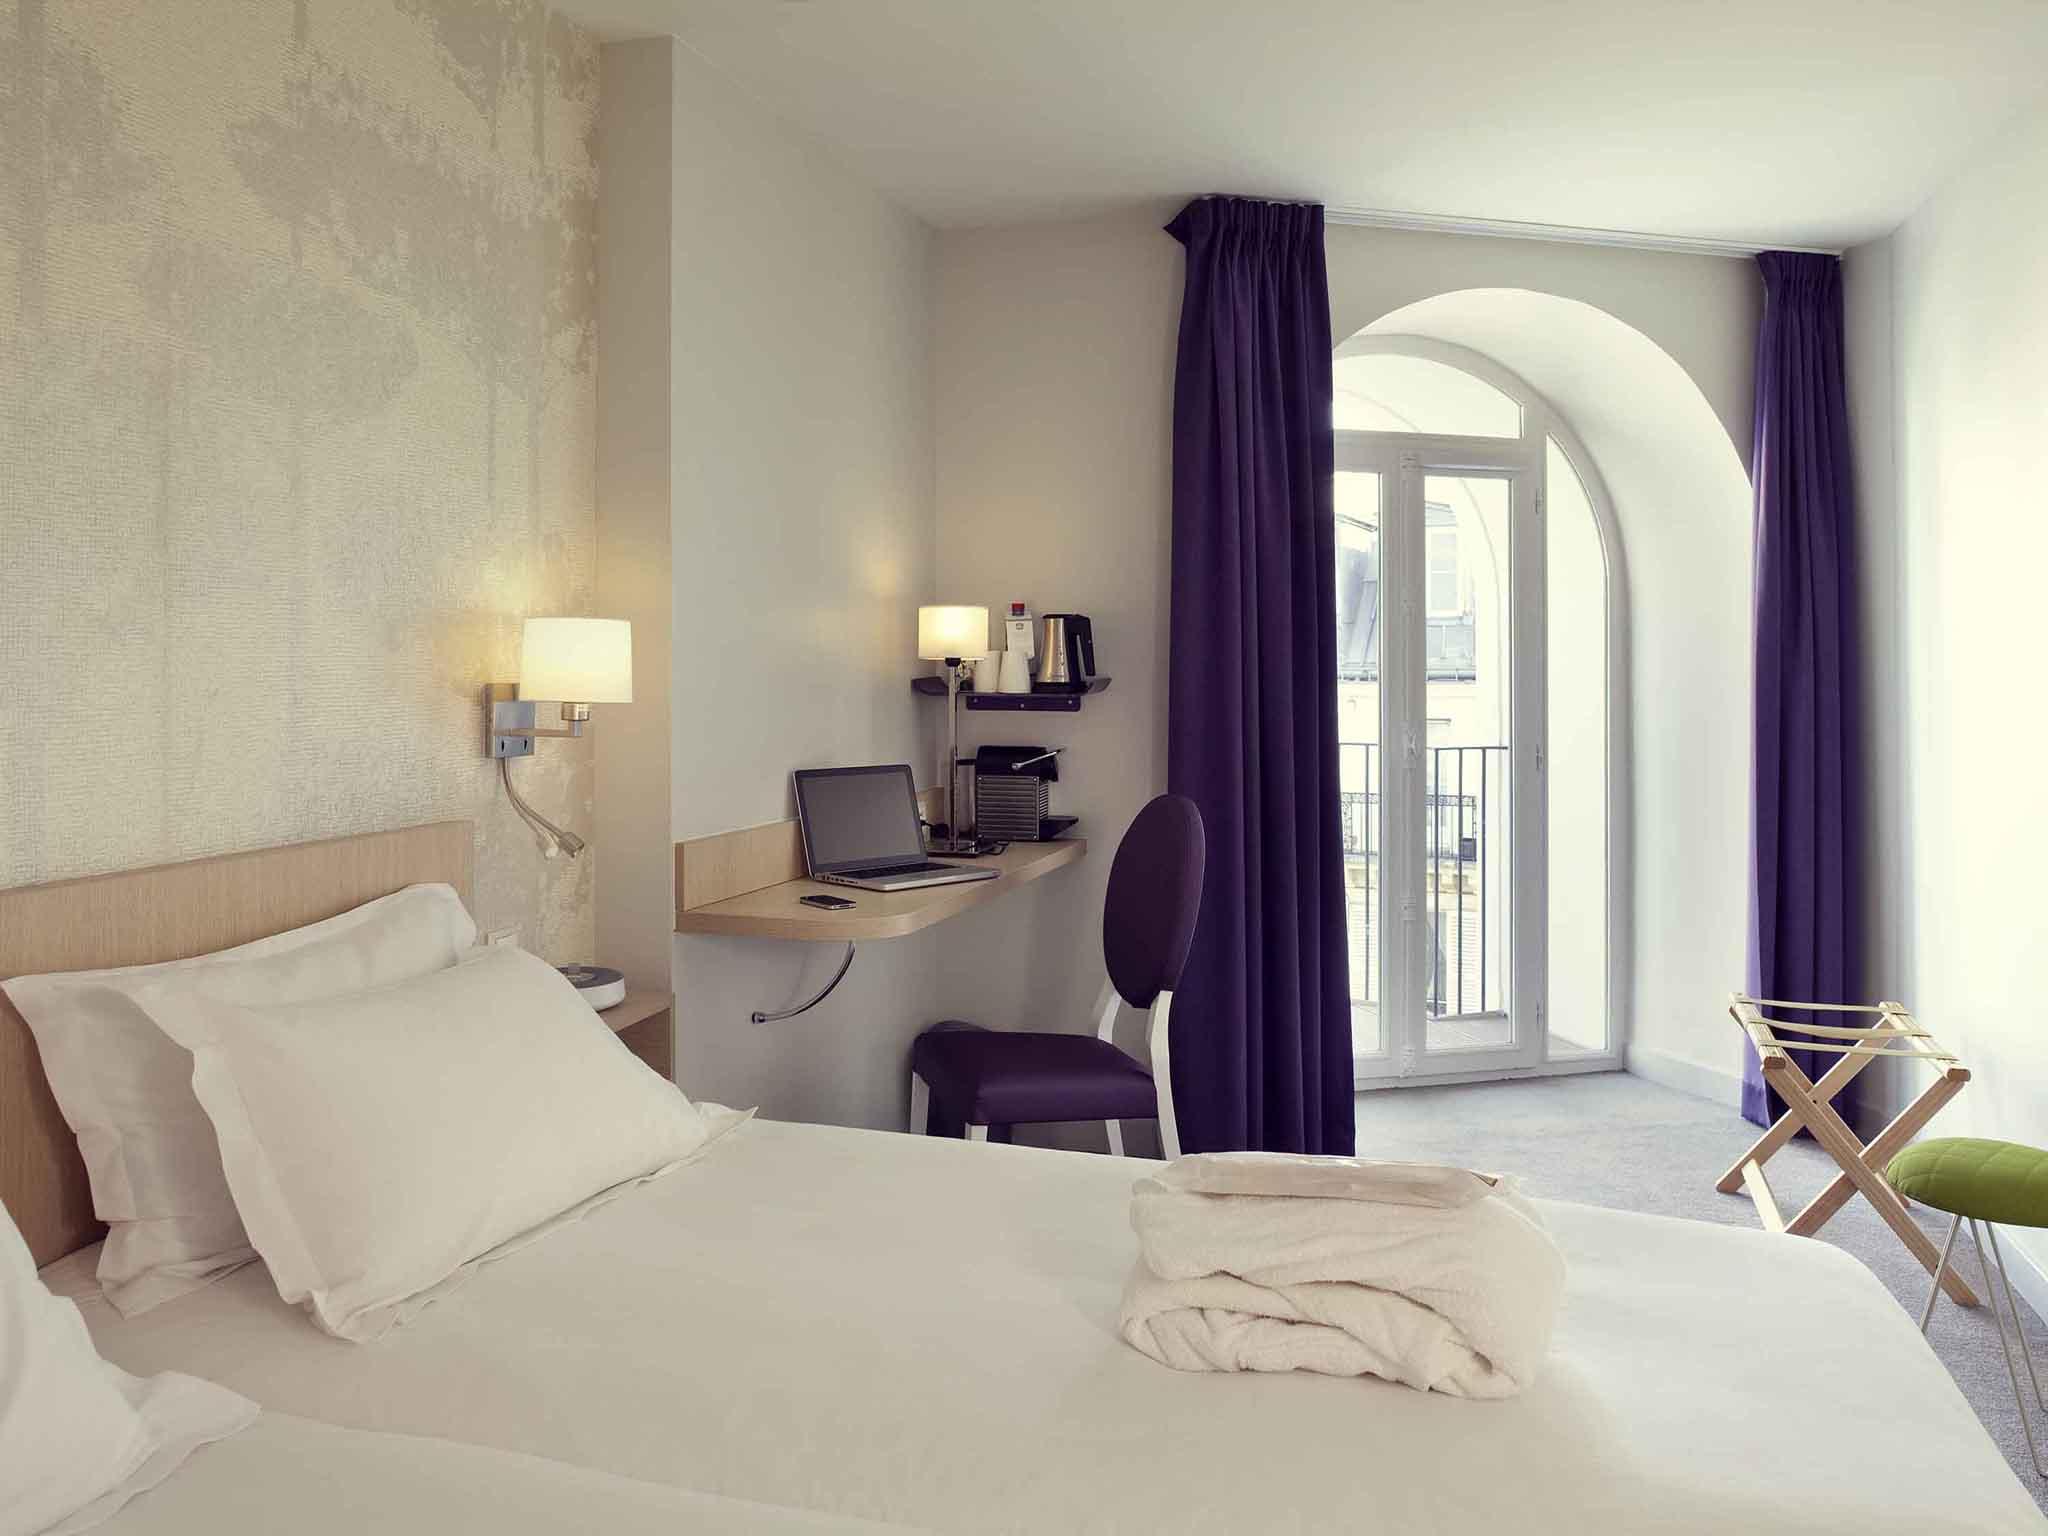 โรงแรม – โรงแรมเมอร์เคียว ปารีส น็อทร์-ดาม (เปิดเดือนมกราคม 2015)